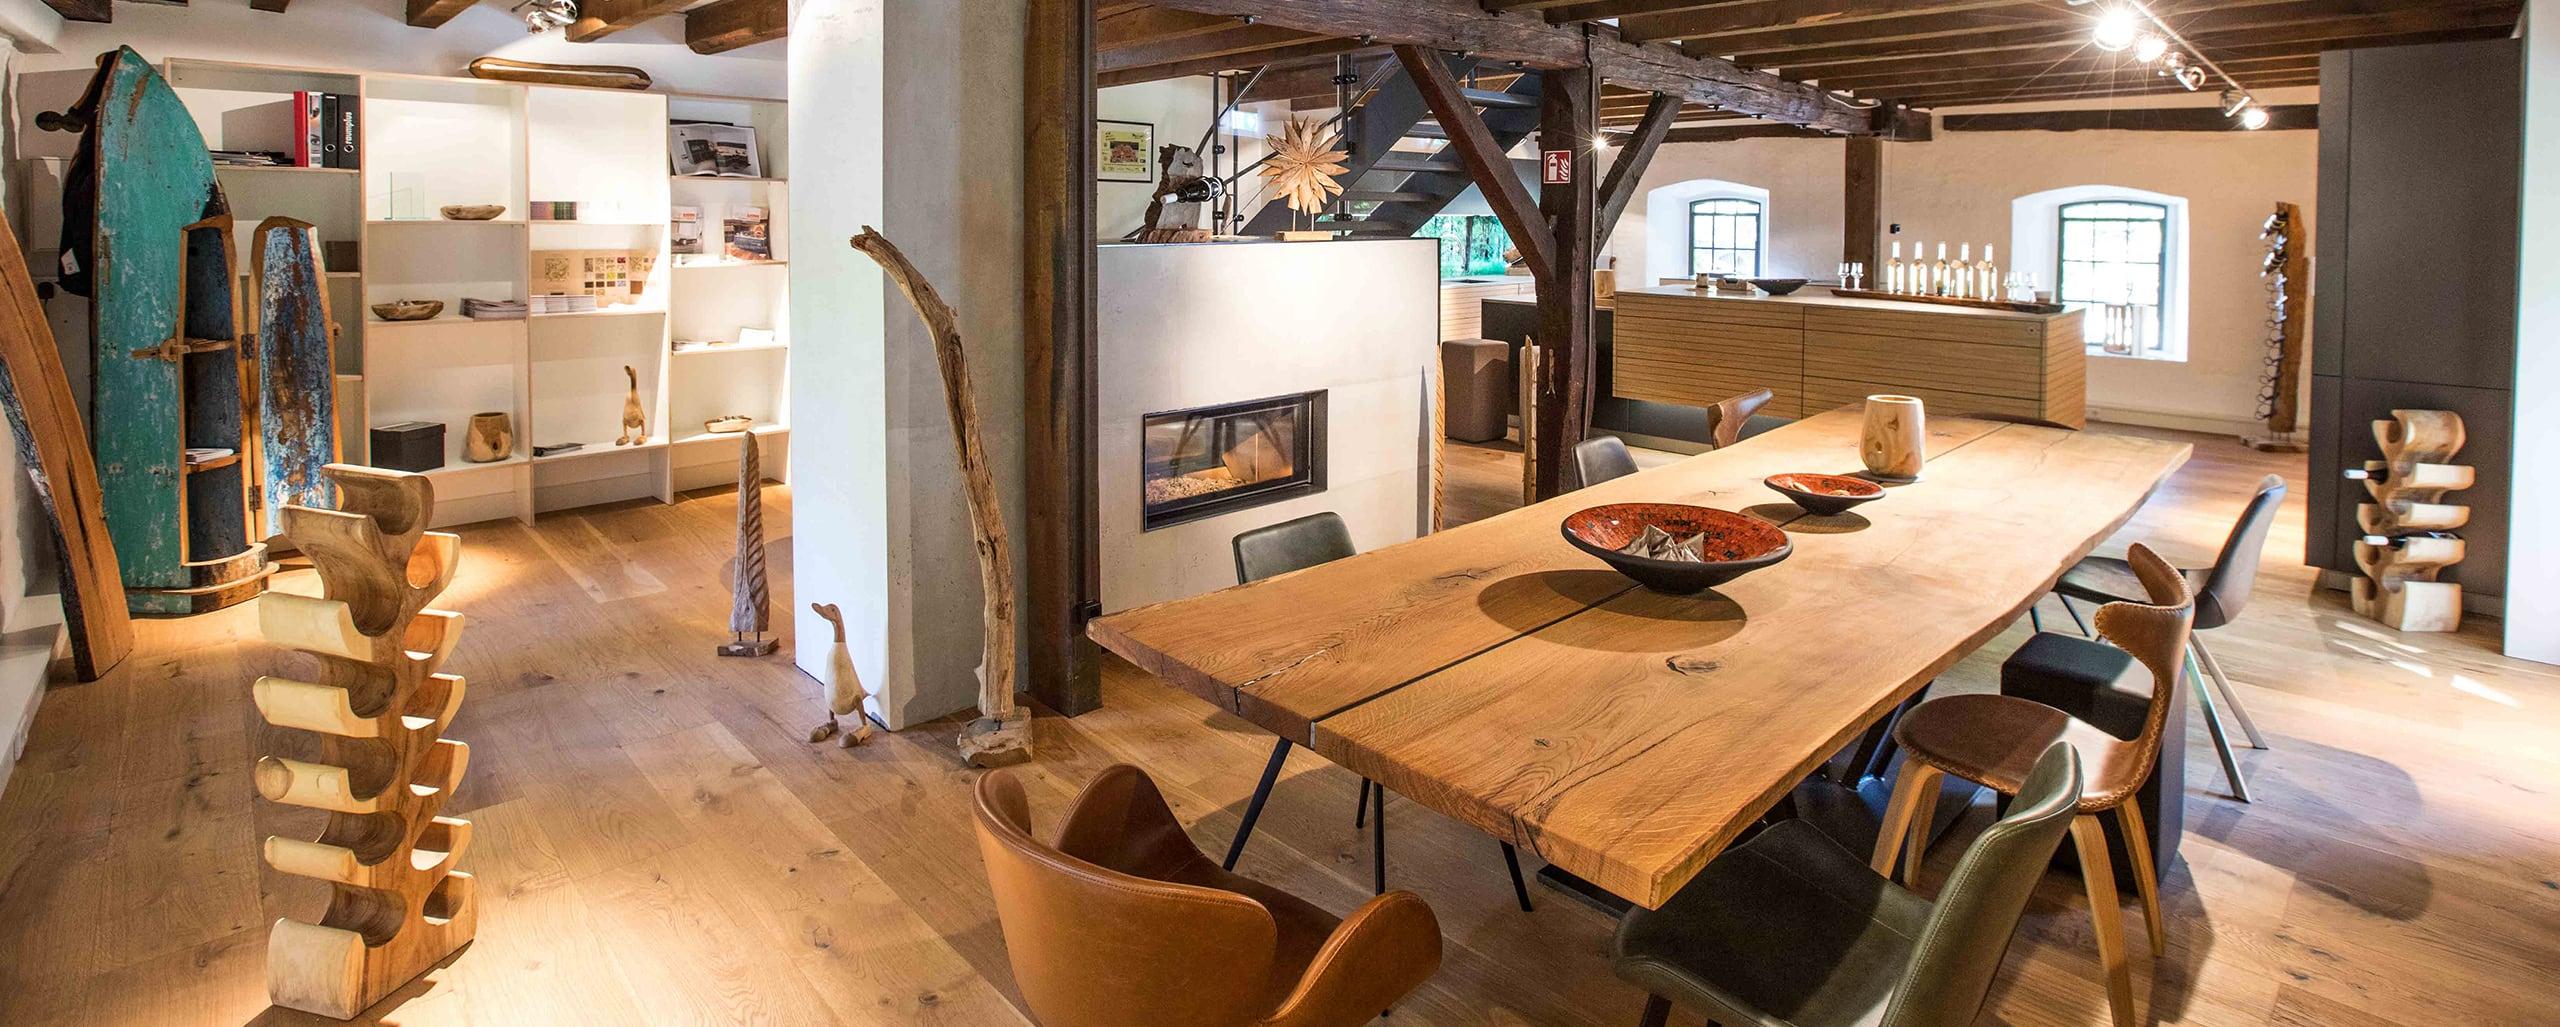 Showroom mit exklusiven Holzmöbeln vom Holzraum Schloss Lüntenbeck